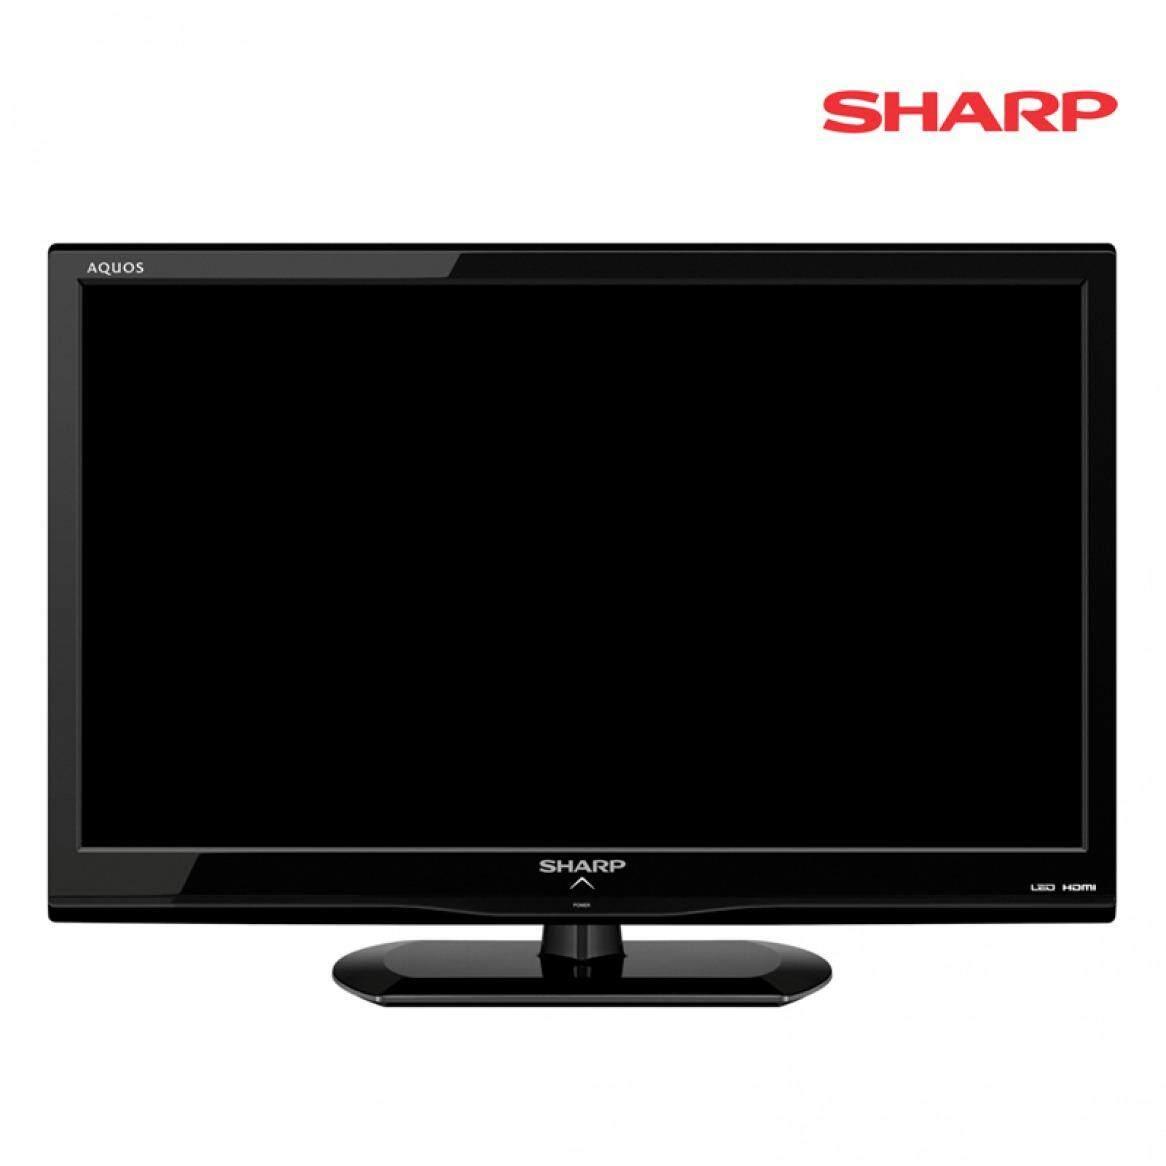 ทบทวน ที่สุด Led Tv Sharp Tv 24 รุ่น Lc24Le150M Usb รับประกัน1ปี